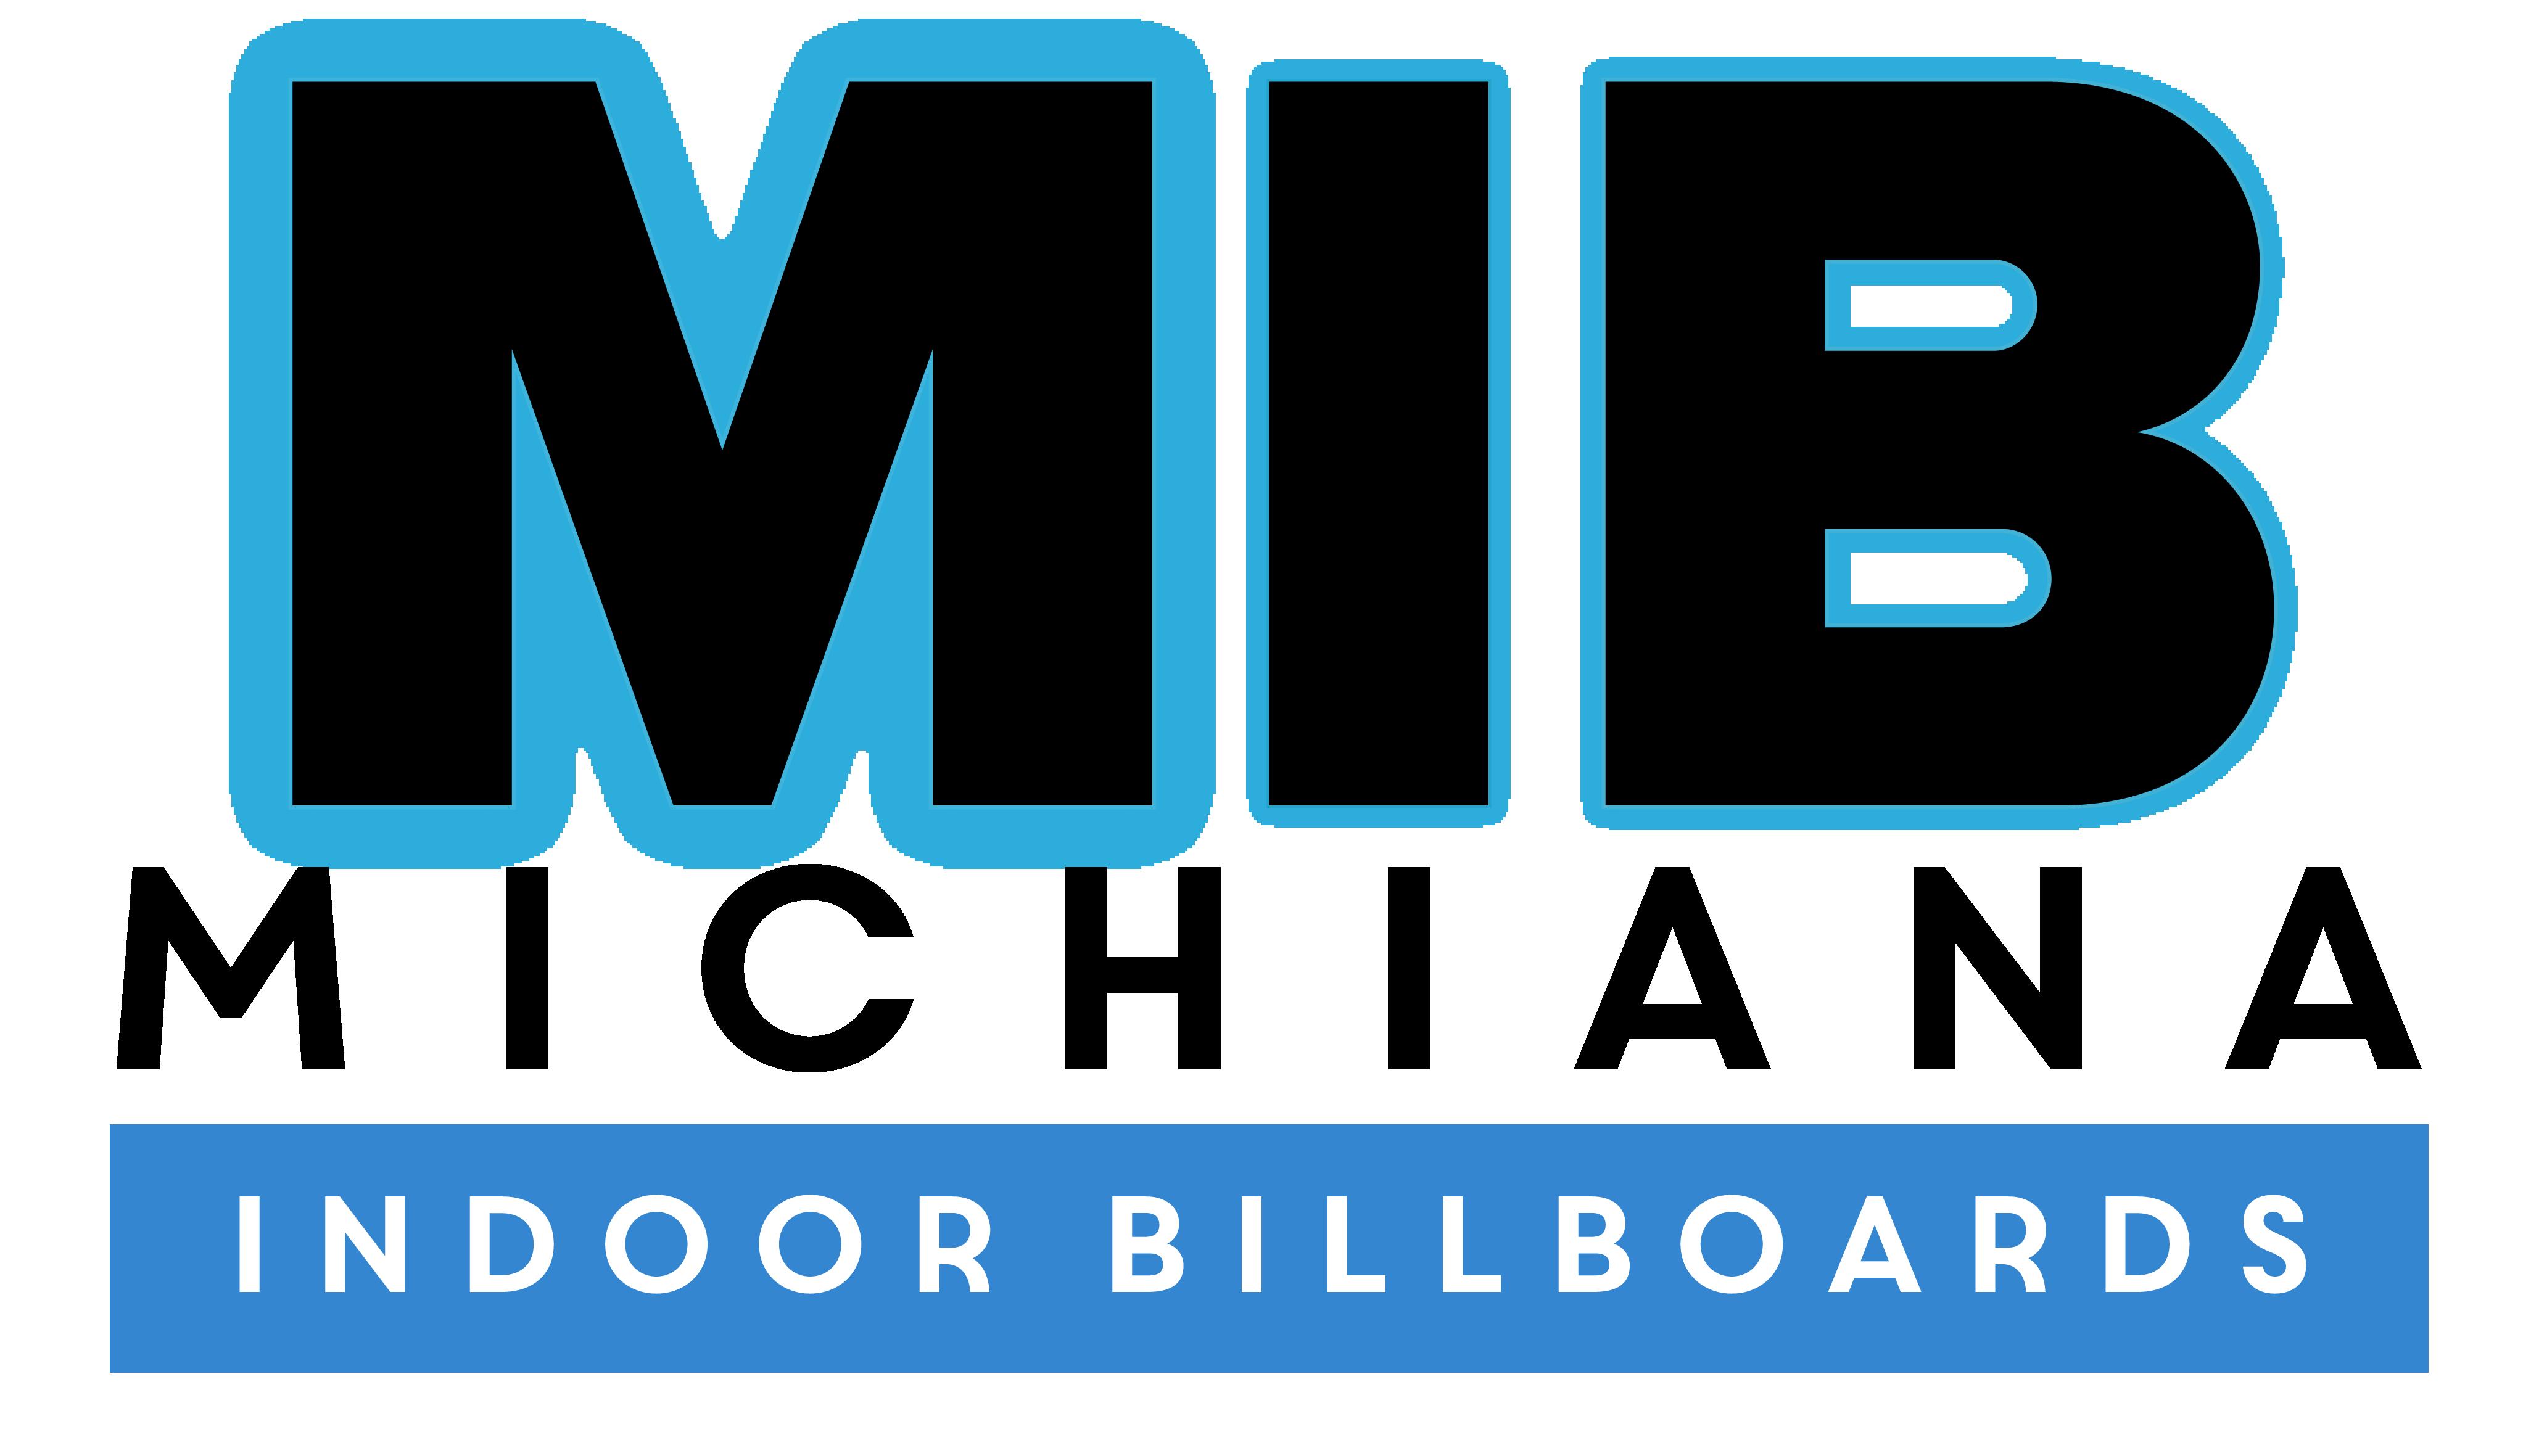 Michiana Indoor Billboards Network